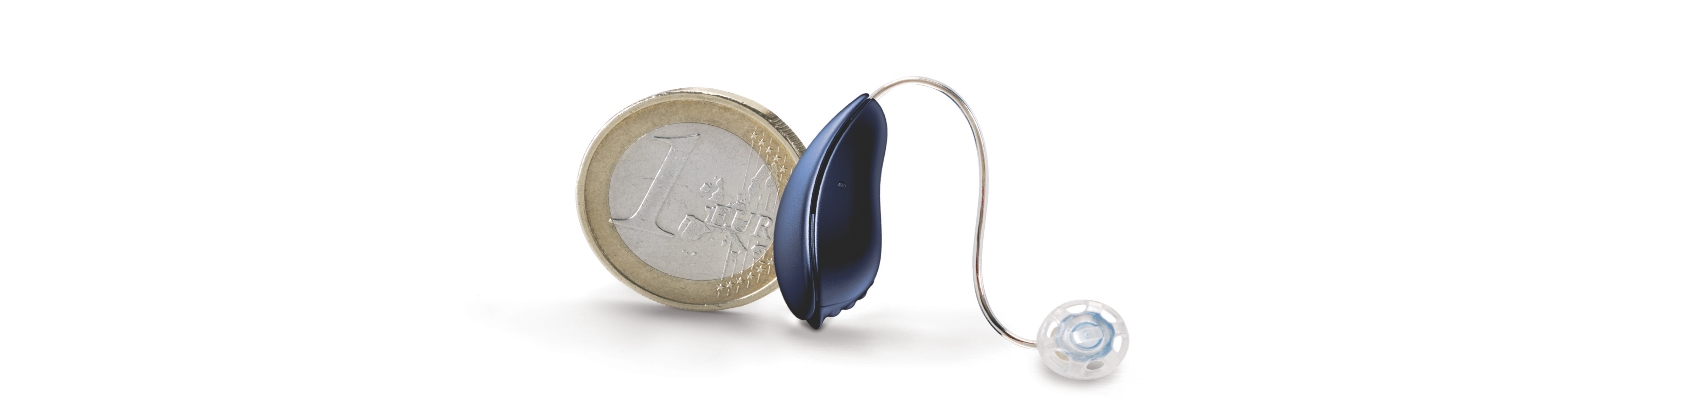 Oticon_Desingbauform_Euro_Homepageslider